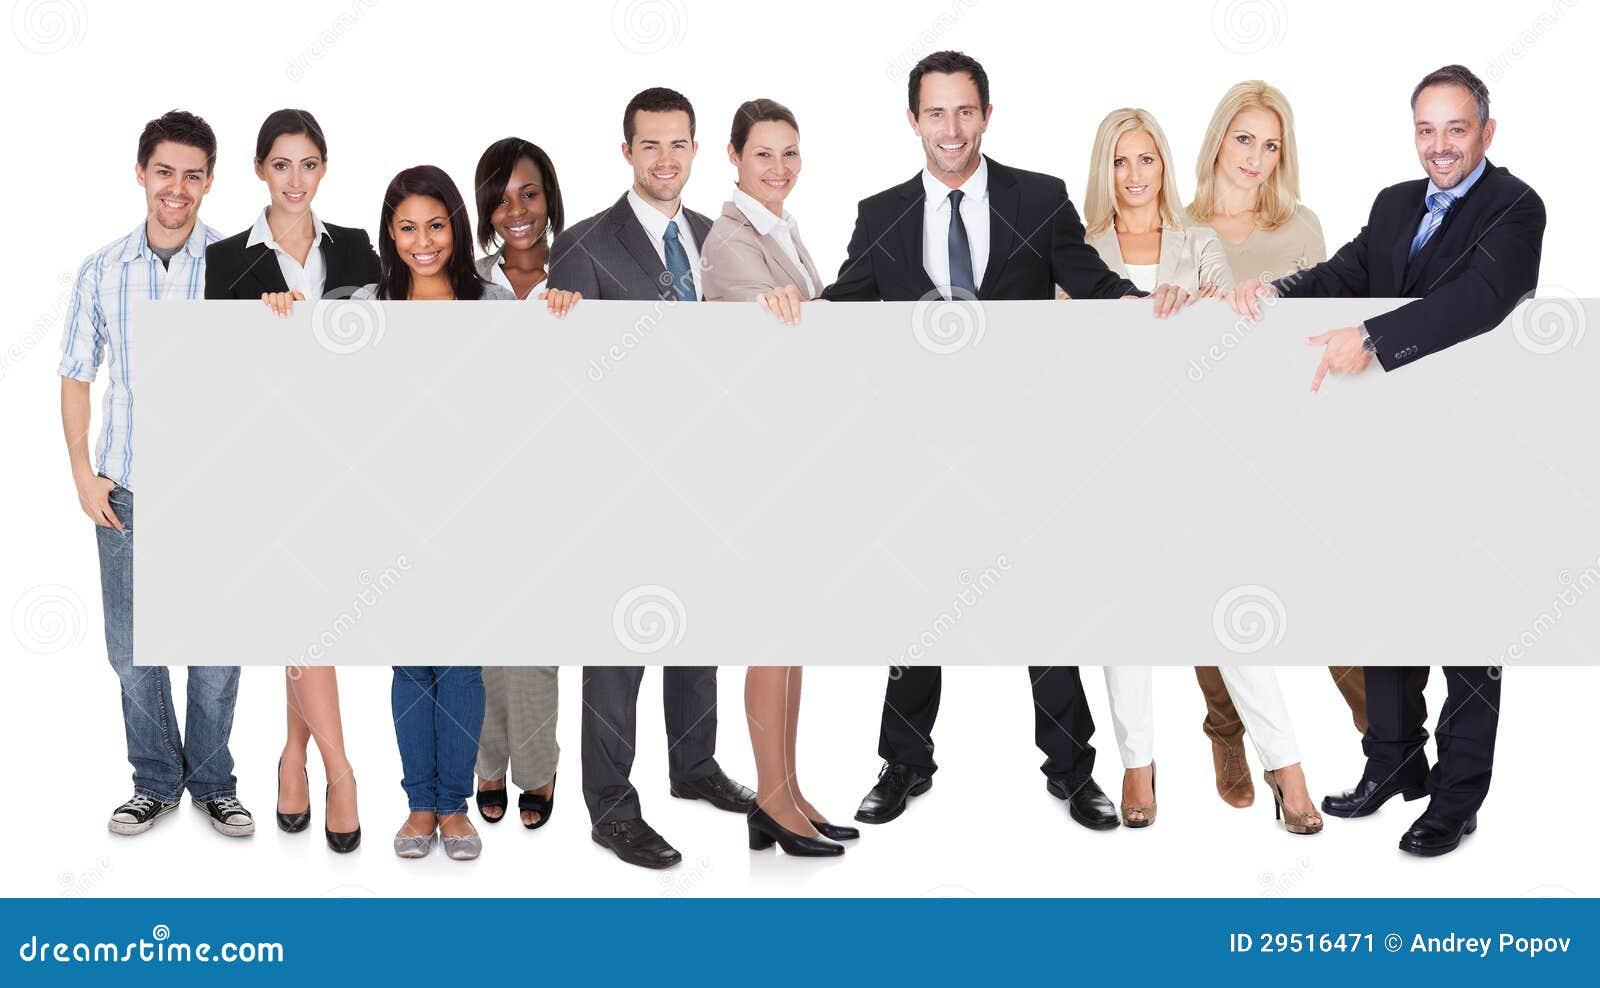 presenting company